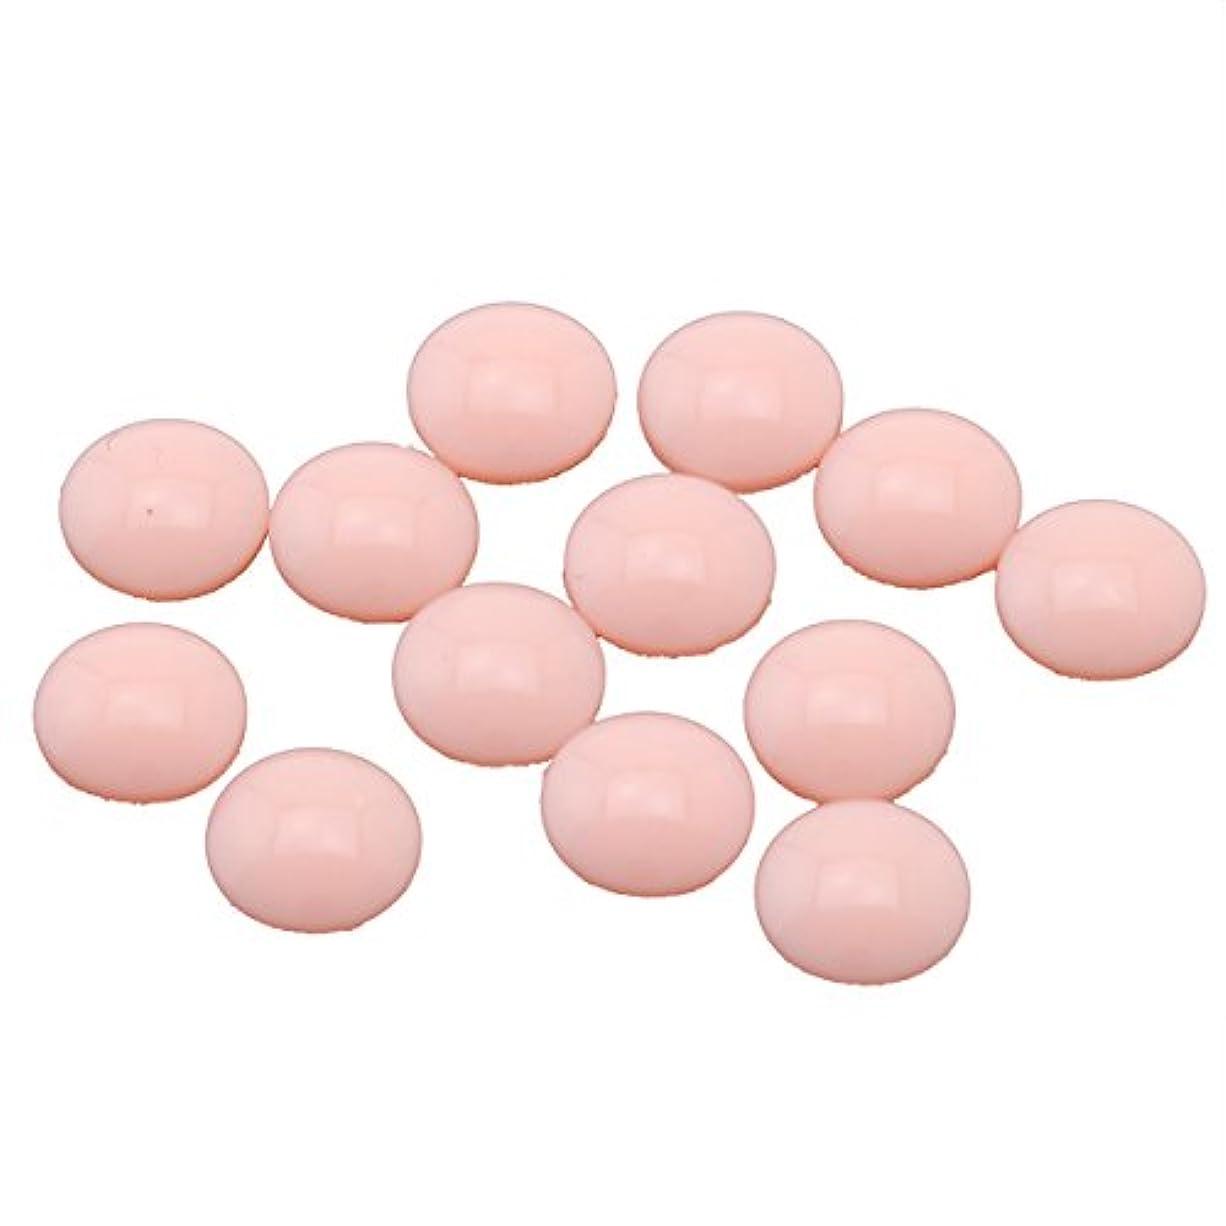 急いで忘れる天気<エトゥベラ>スモークストーン ラウンド 4mm(各30個) ピンク(4mm)